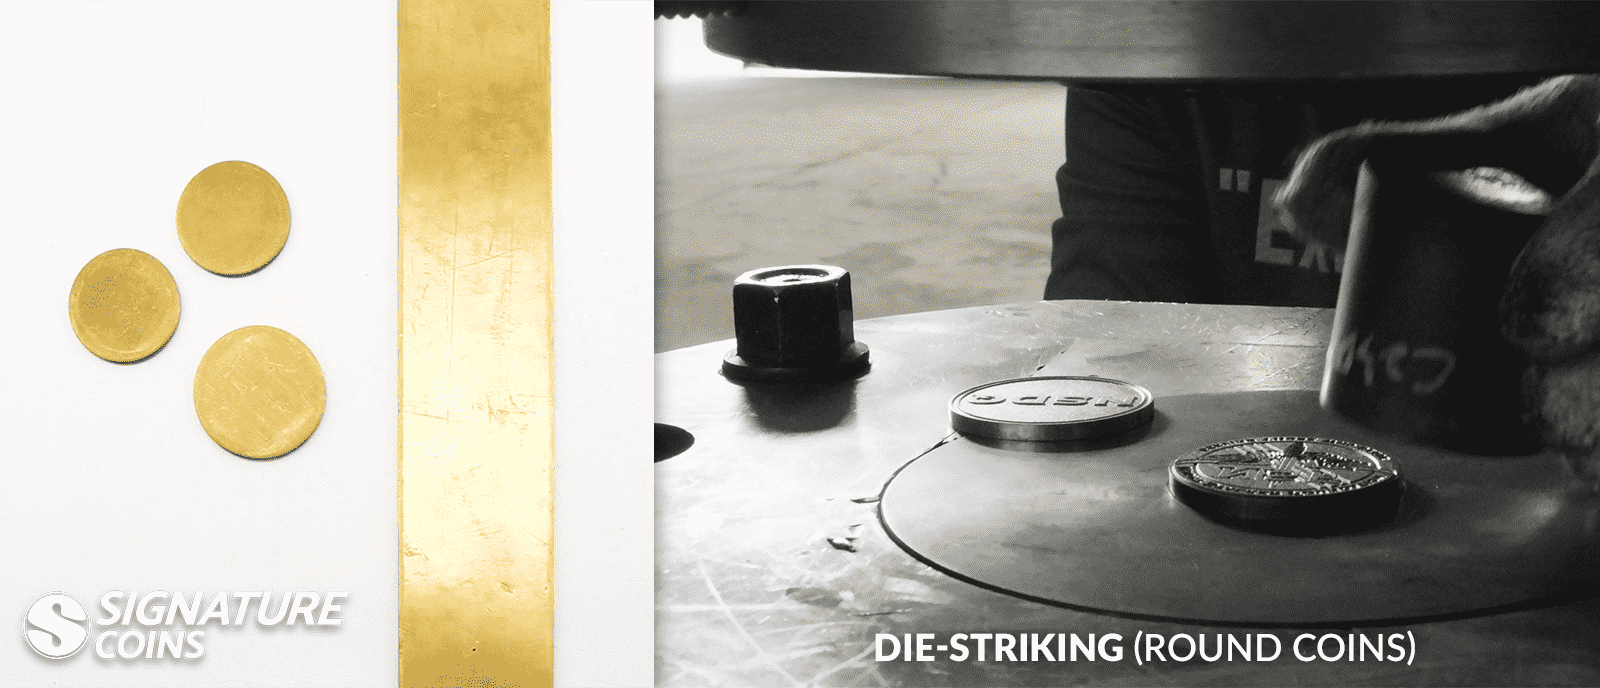 round coin die striking